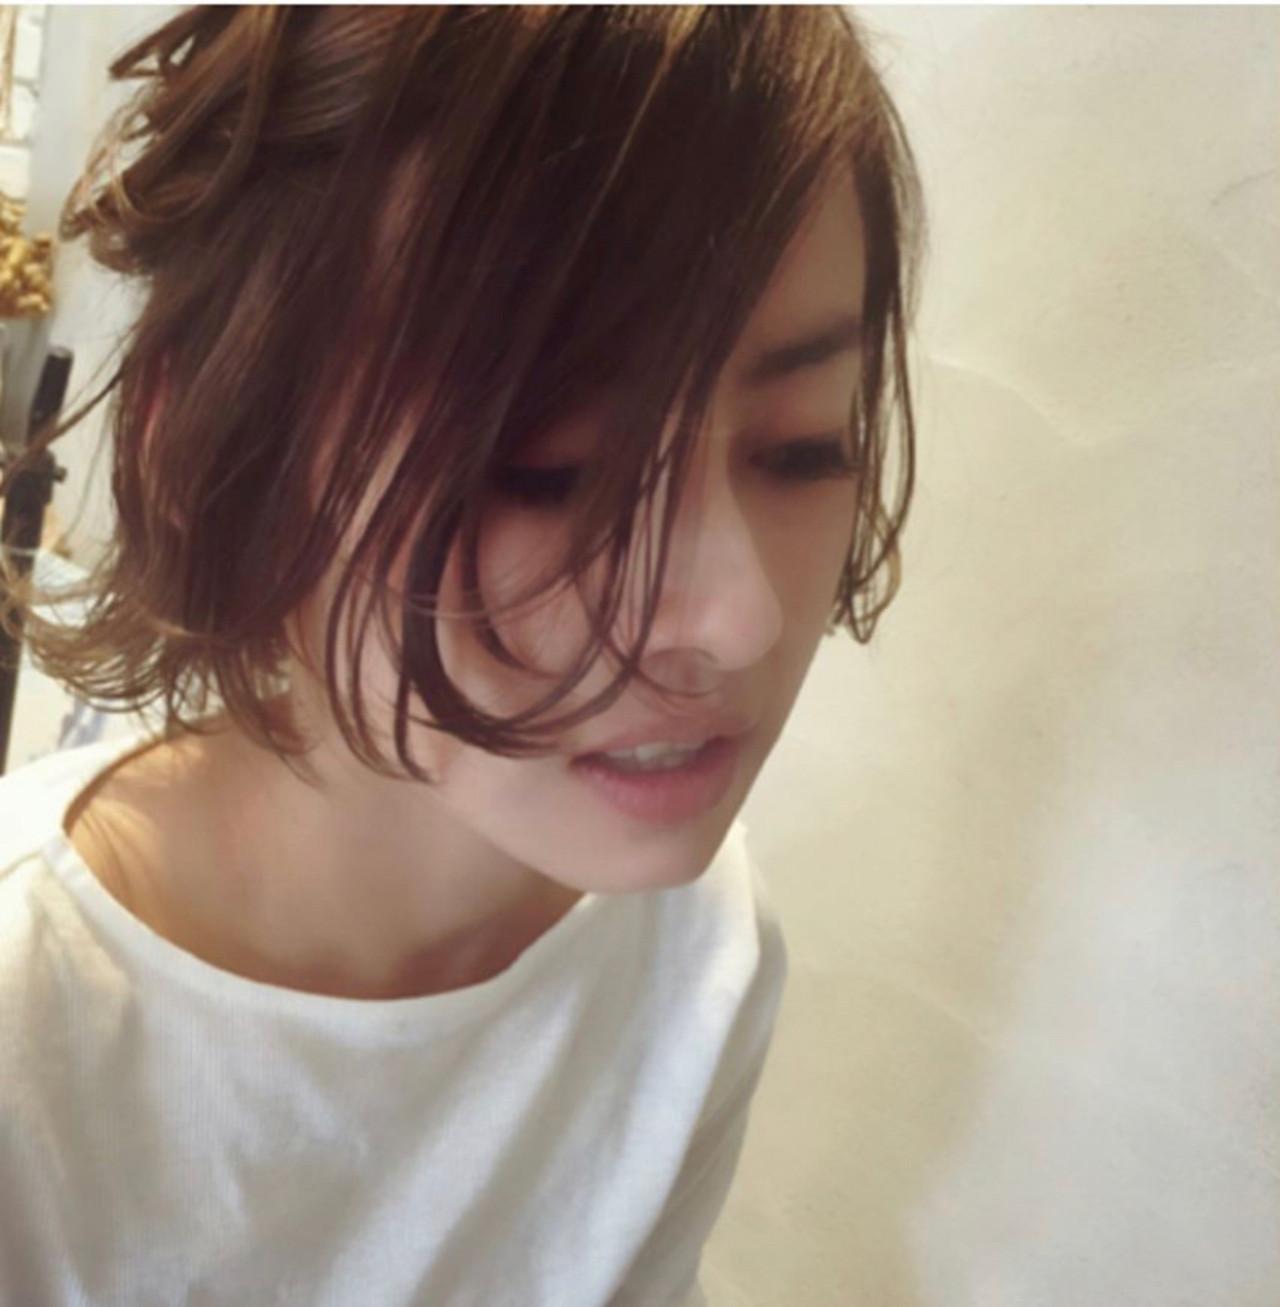 ボブ ナチュラル ボブヘアー モテボブ ヘアスタイルや髪型の写真・画像 | 平井 潮里/ENTRAIDE / ENTRAIDE  hair design studio